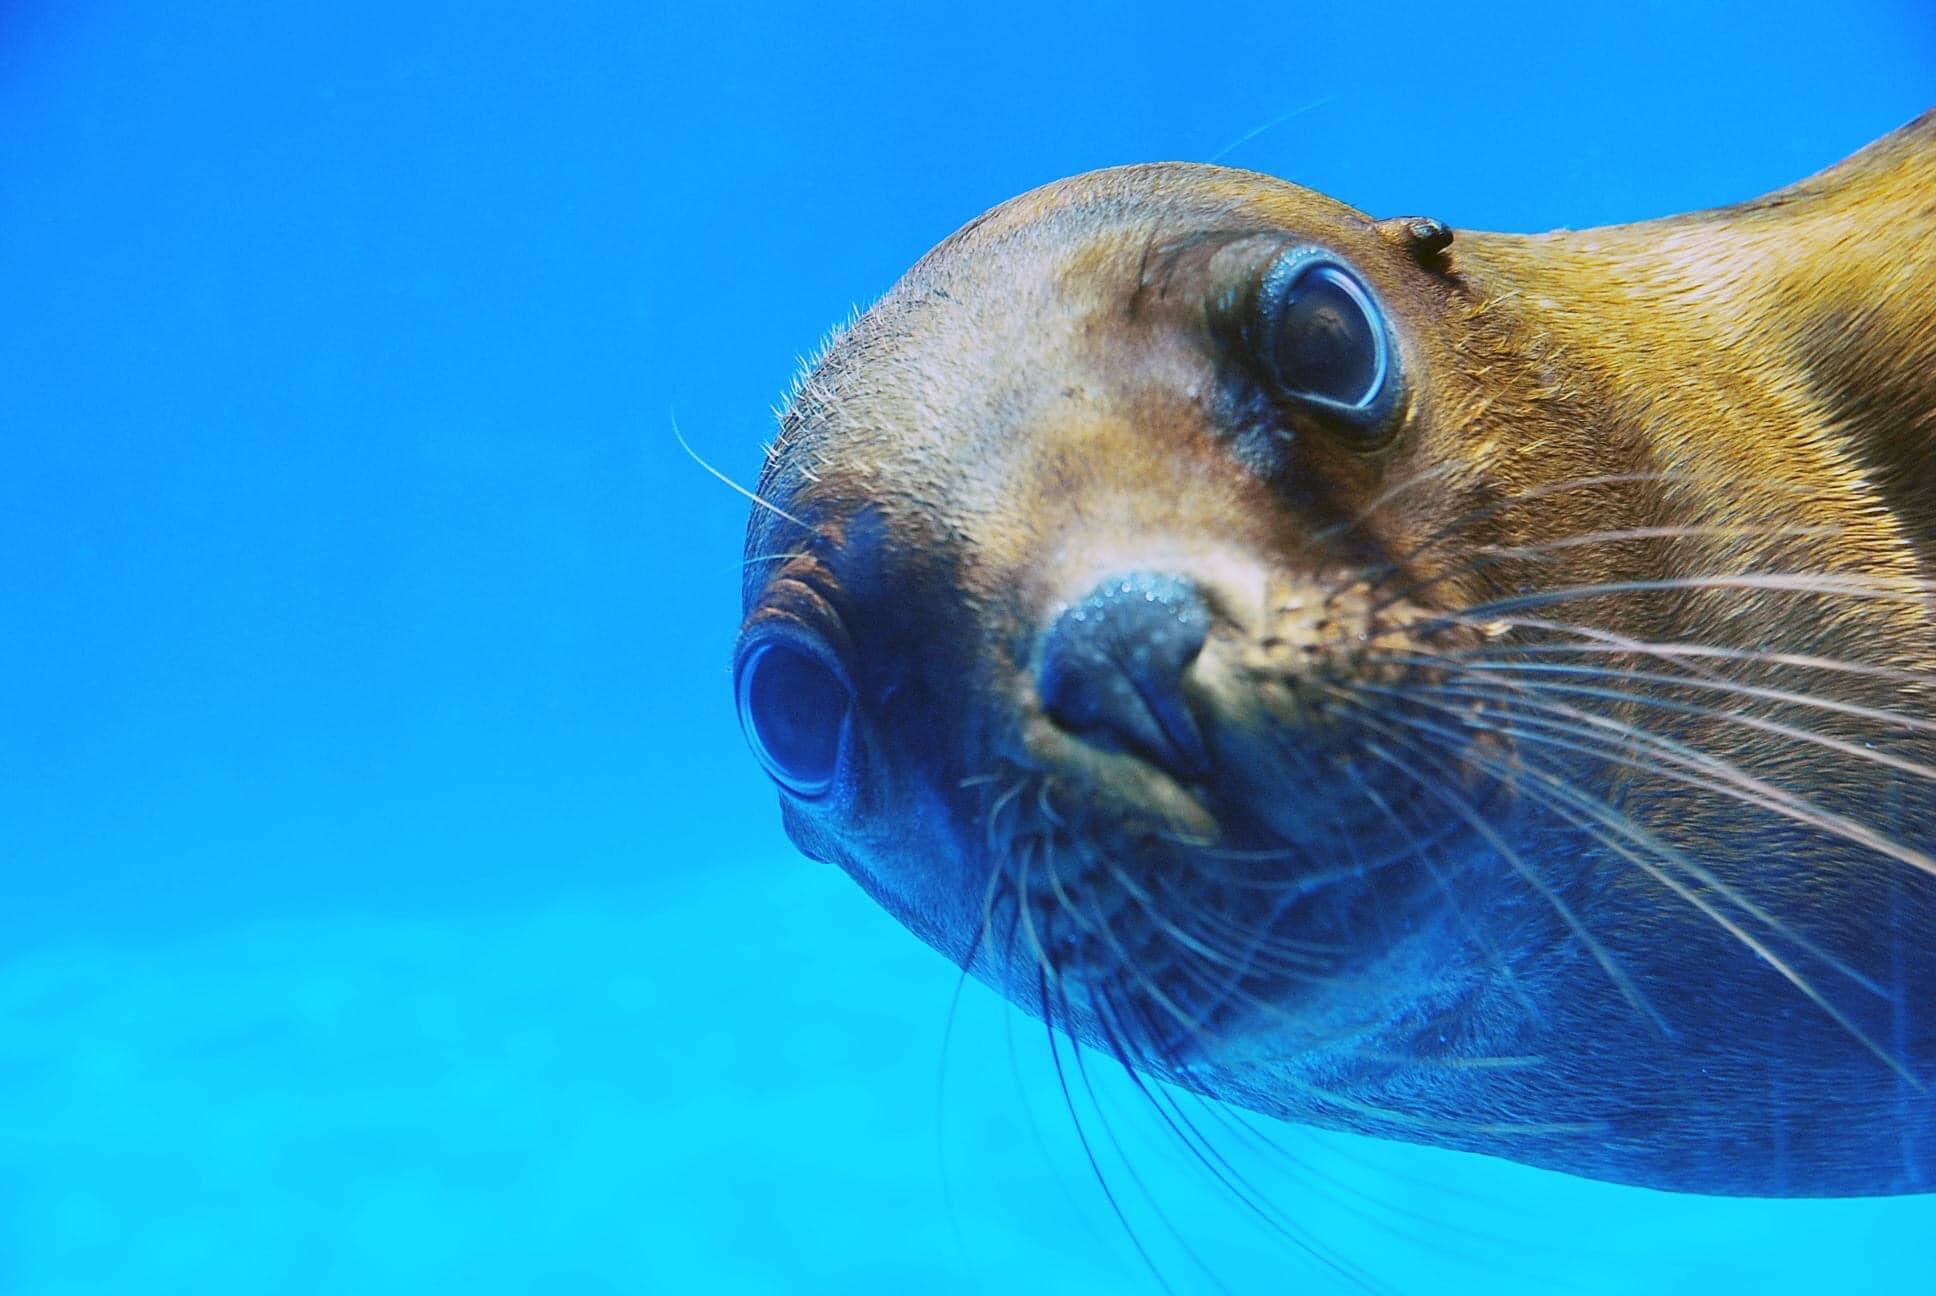 Sea lion looking at camera